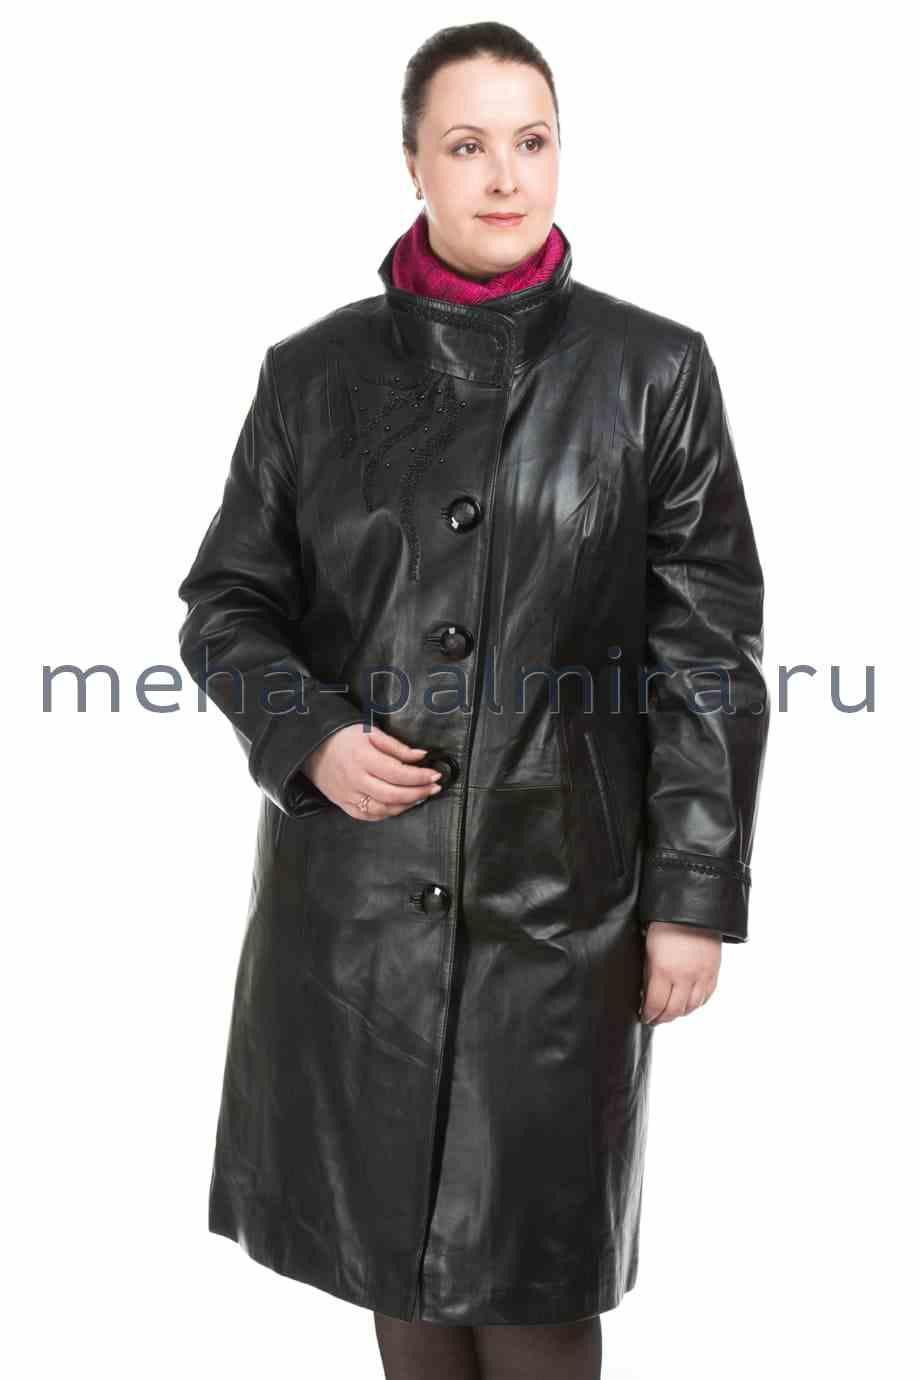 Кожаный куртки киров